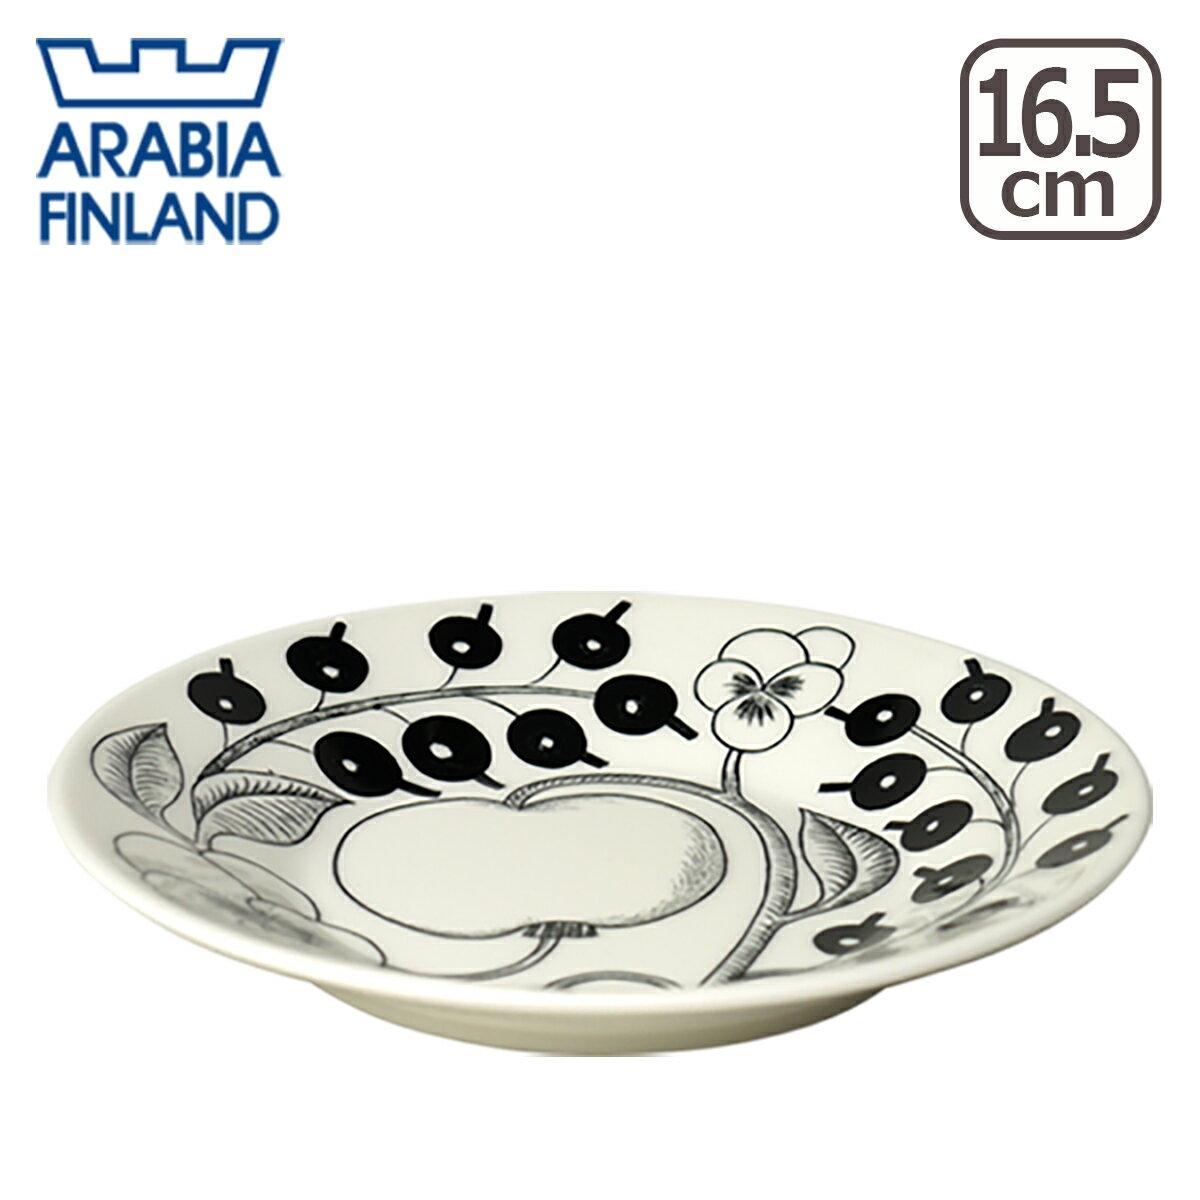 【4時間クーポン】アラビア(Arabia) ブラックパラティッシ(ブラック パラティッシ) 16.5cmプレート 皿 (Paratiisi) 北欧 フィンランド 食器